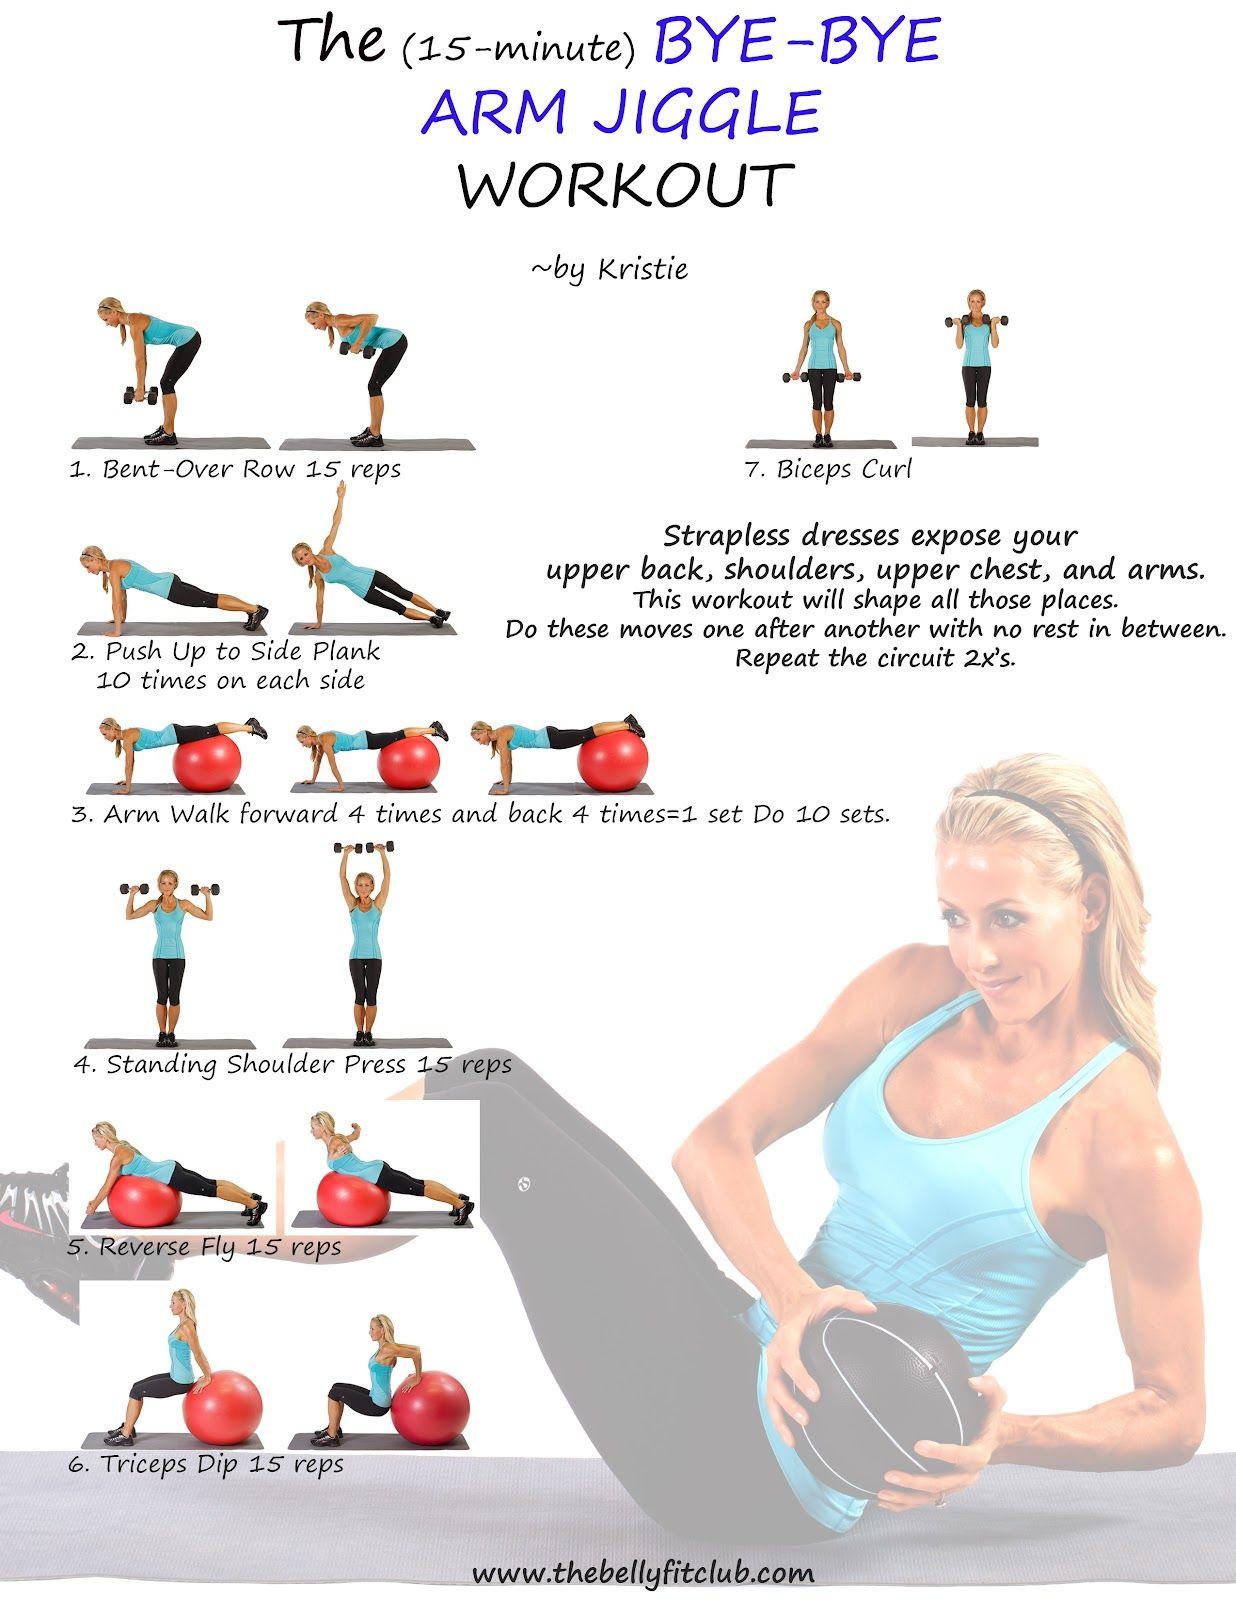 Pin lisjlt rachelle b taulussa fitness pinterest tutustu kiinnostaviin ideoihin ccuart Images